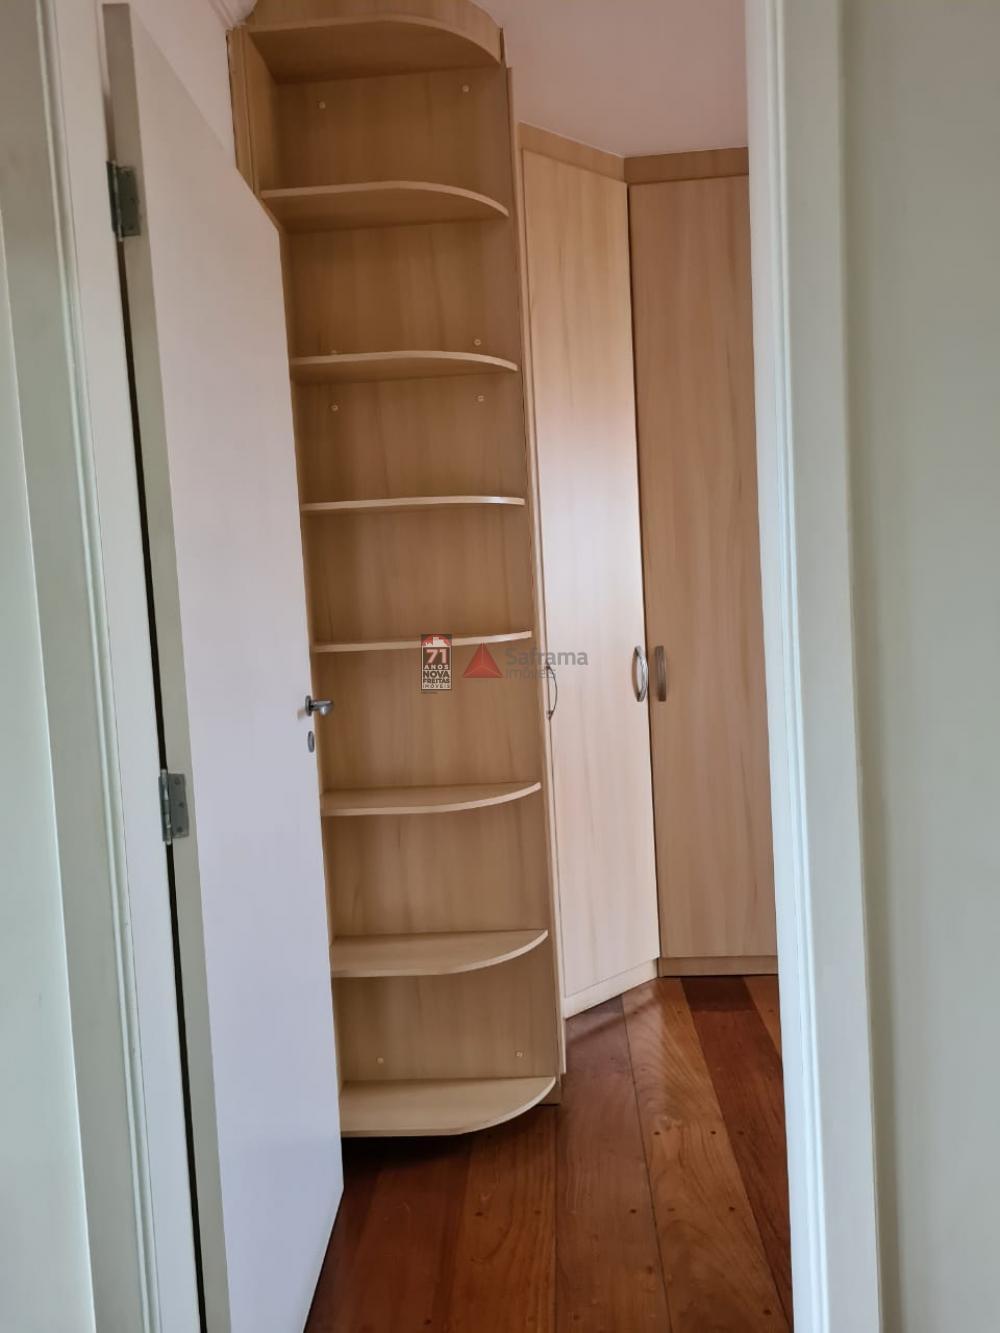 Comprar Apartamento / Padrão em Pindamonhangaba apenas R$ 430.000,00 - Foto 23